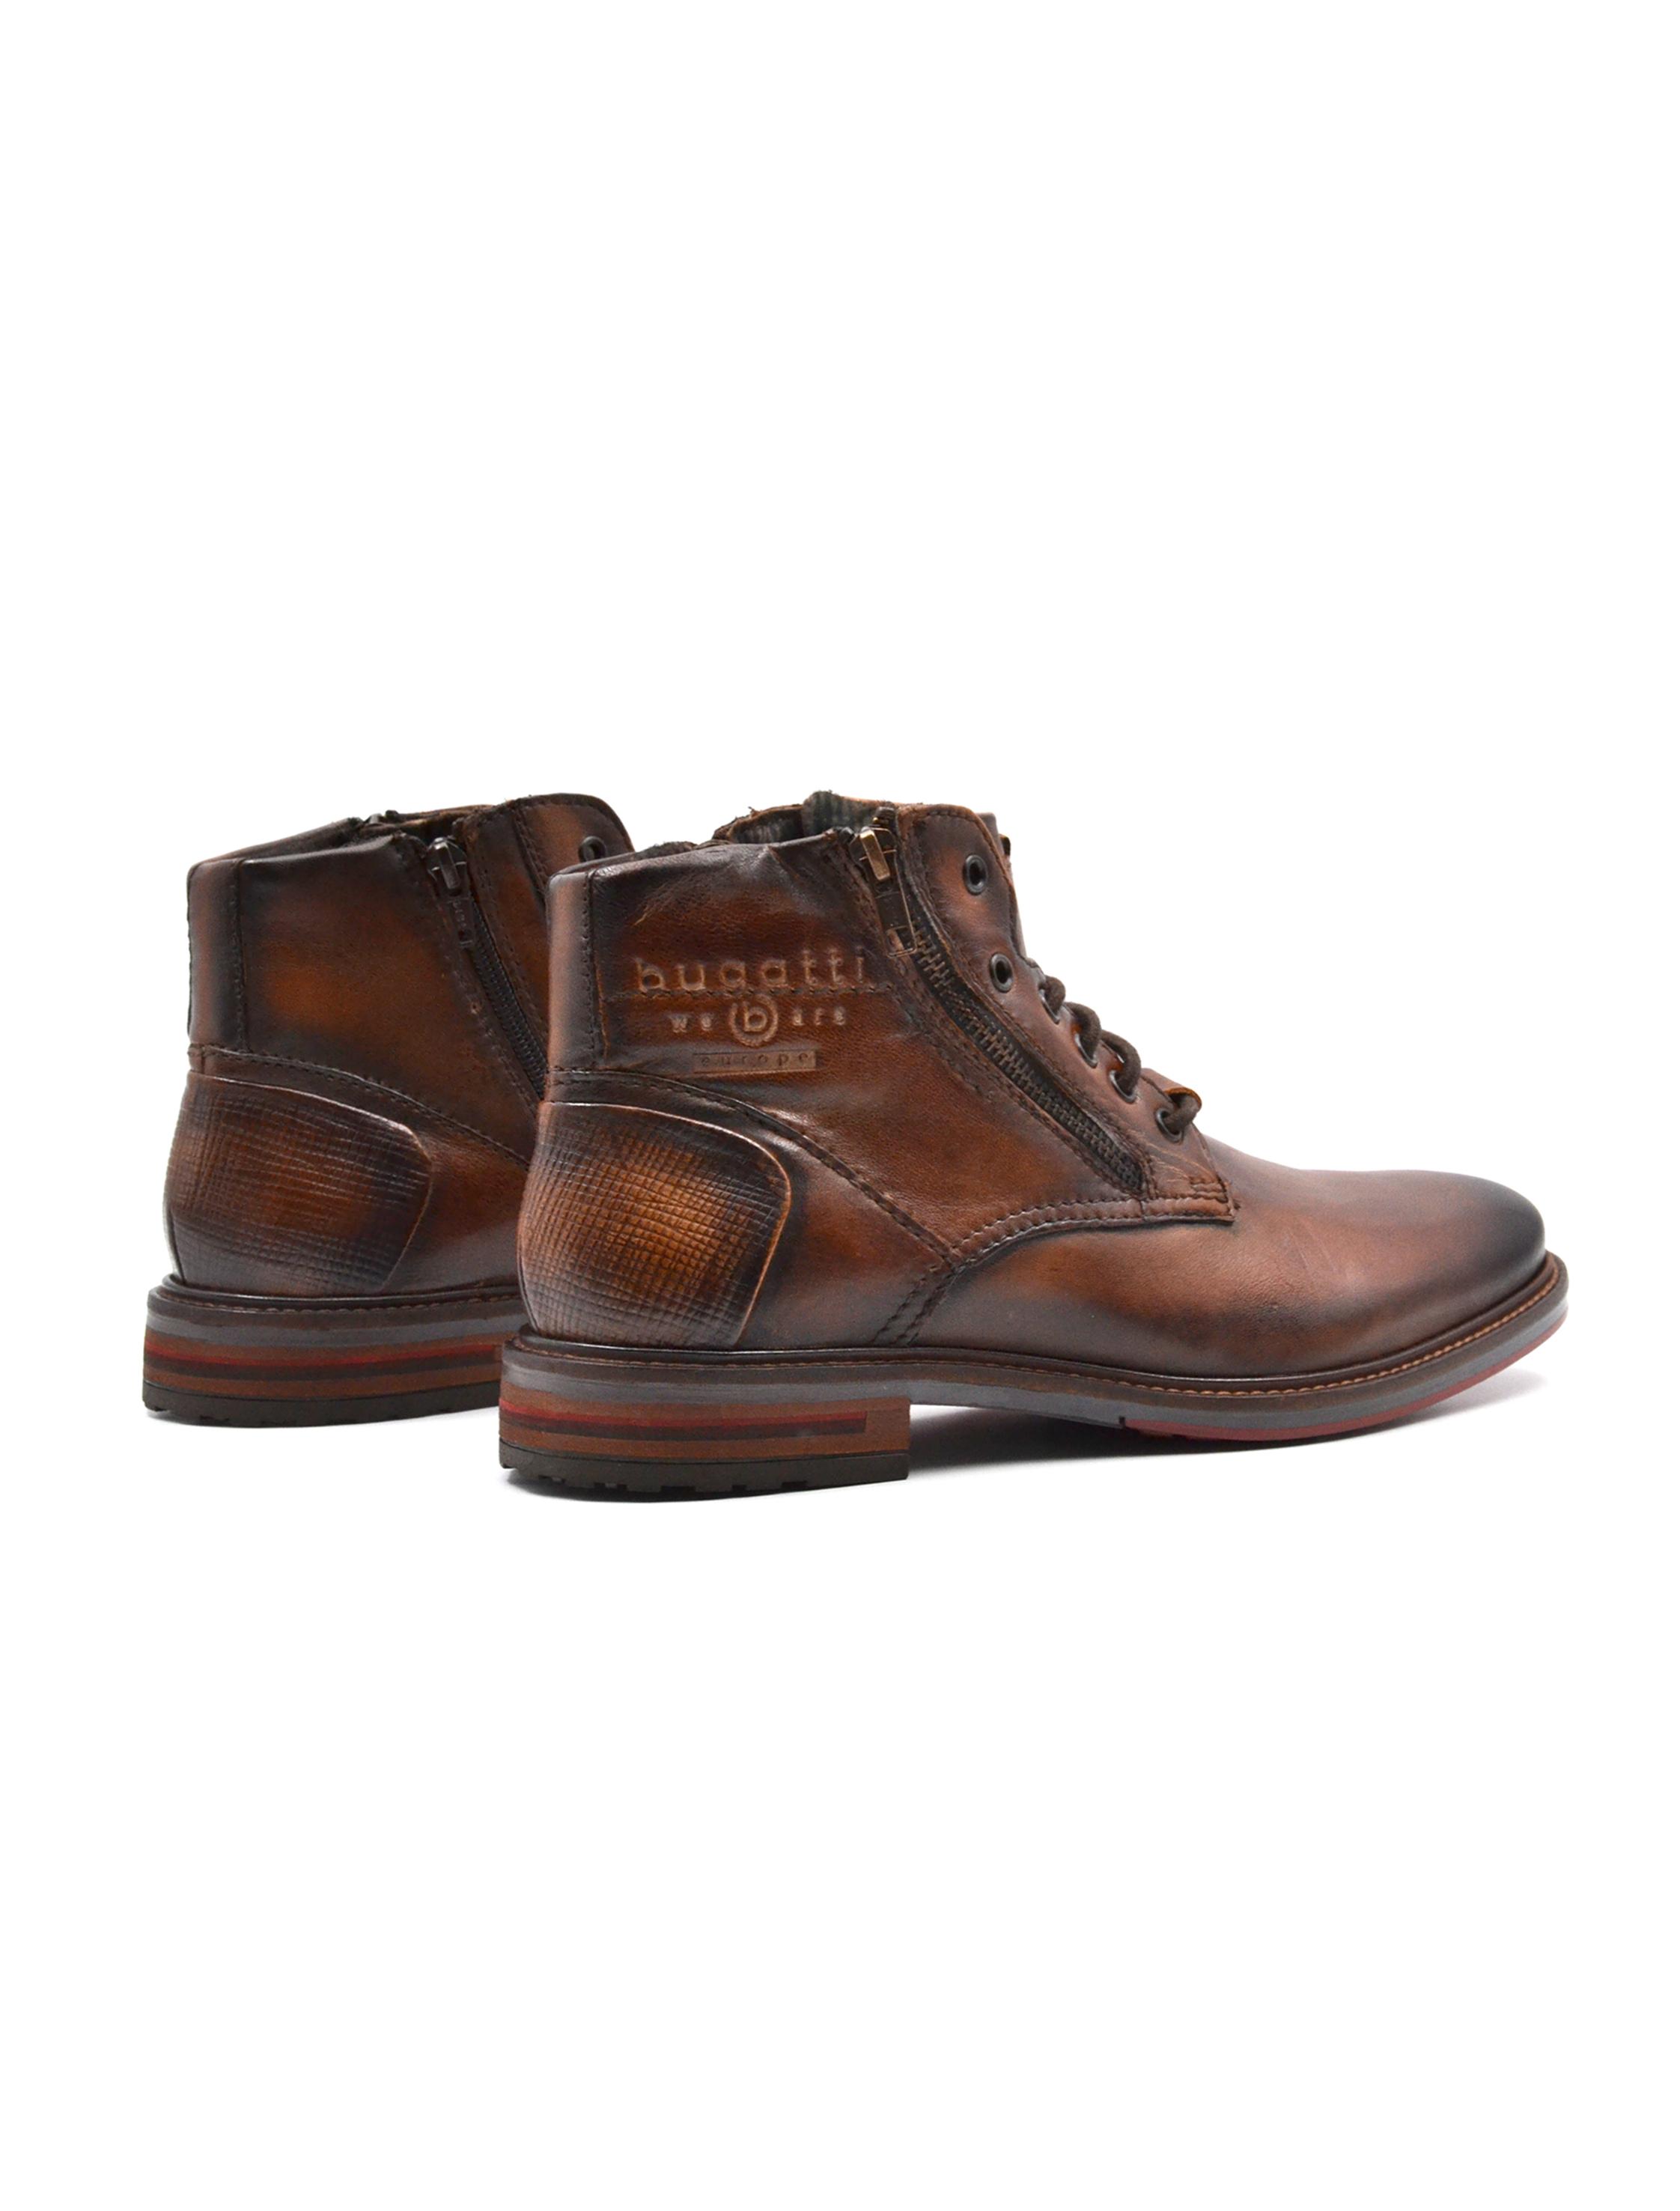 scarpe temperamento grandi affari 2017 a basso prezzo Bugatti scarponcino uomo in pelle zip, Scarponcini, colore Cognac ...